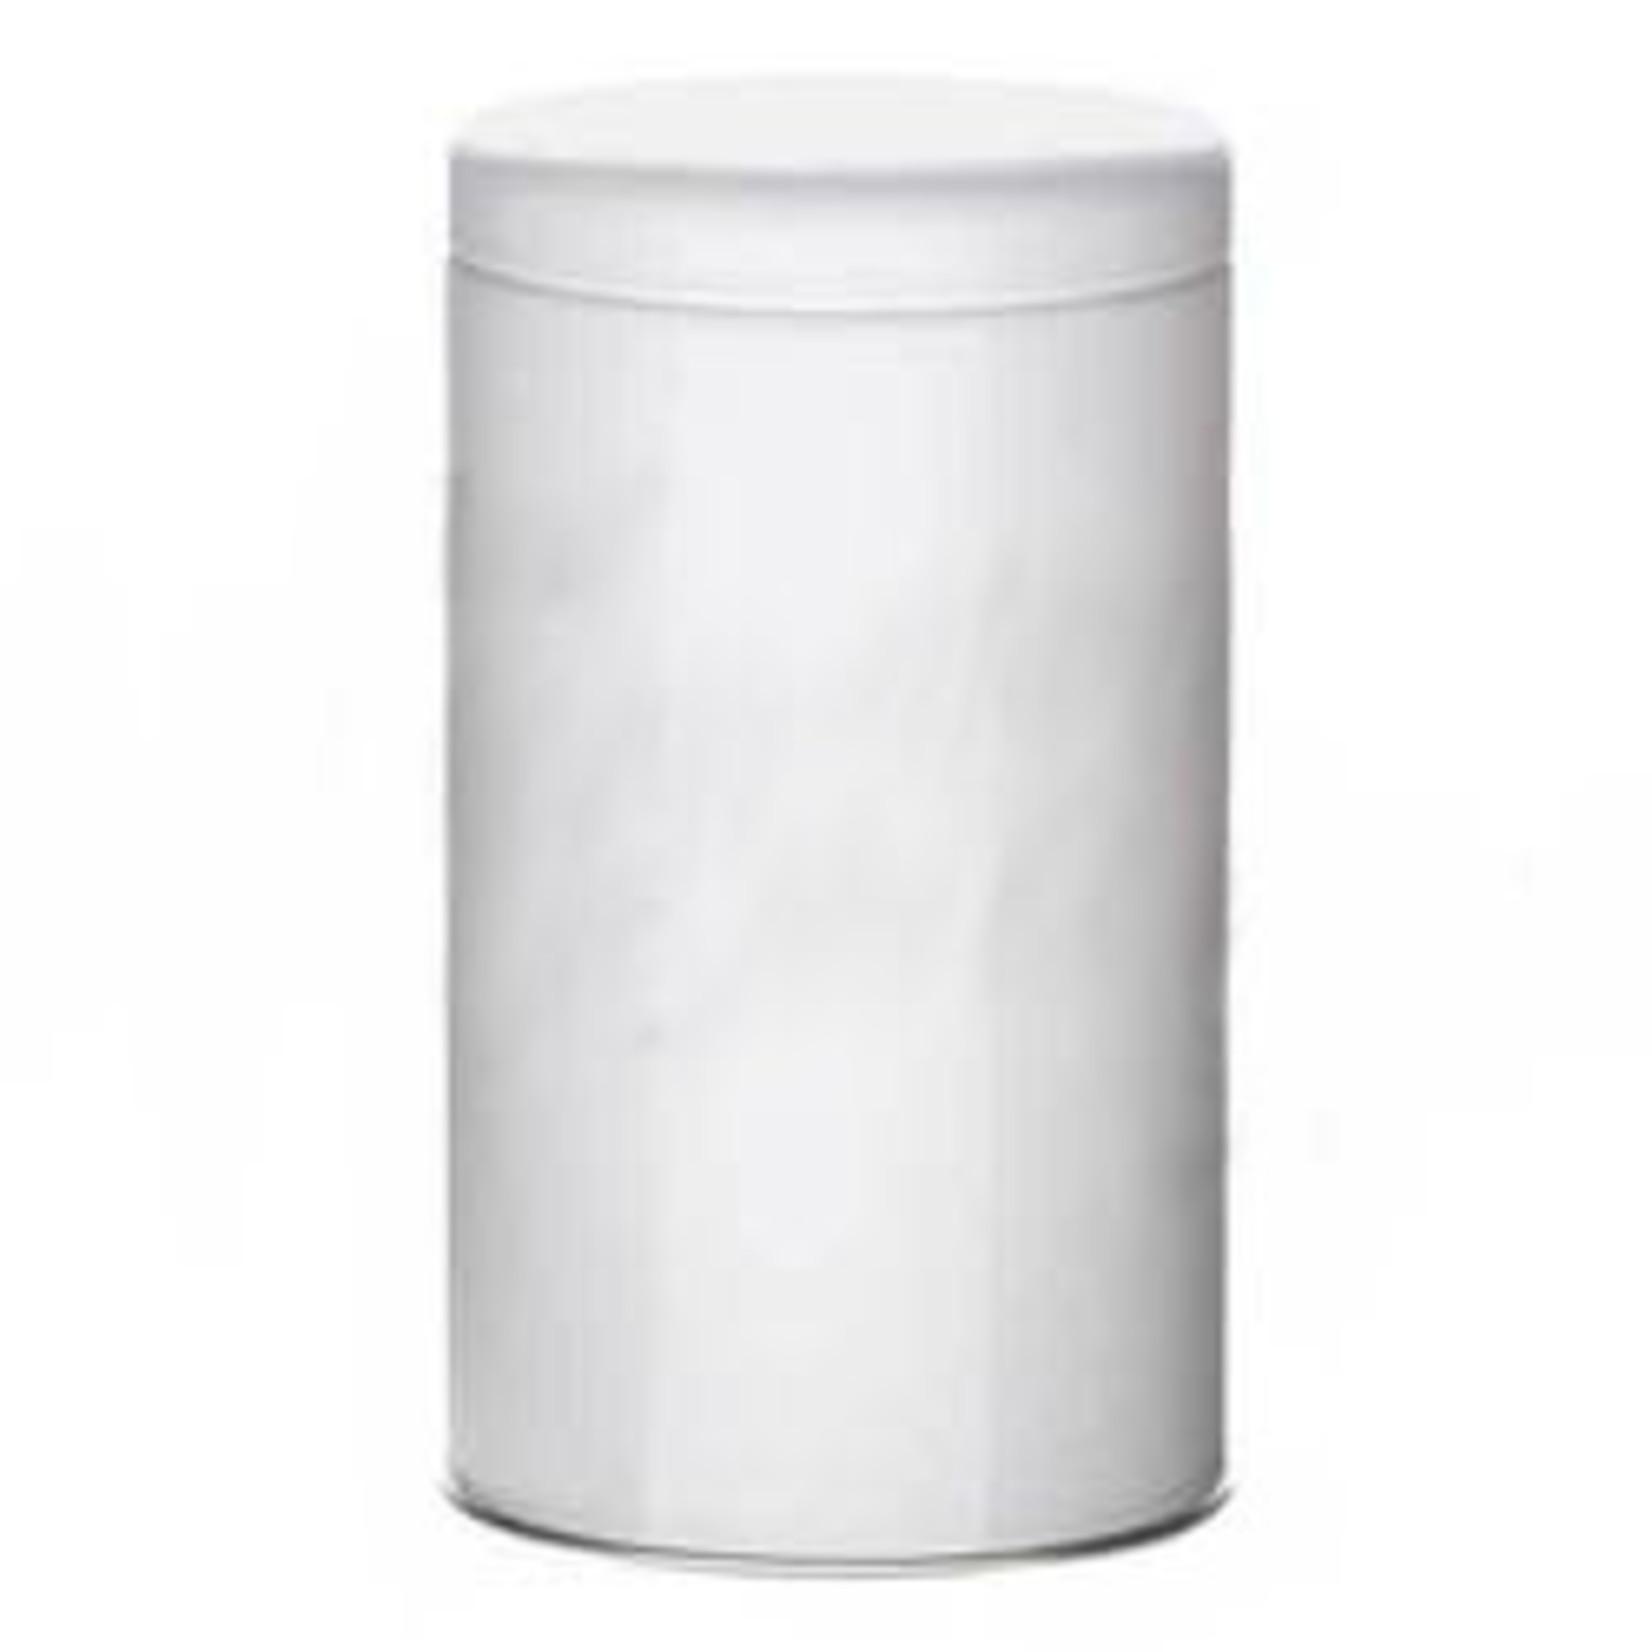 Metropolitan Tea Tea Tin Medium White- 100g/3.5oz